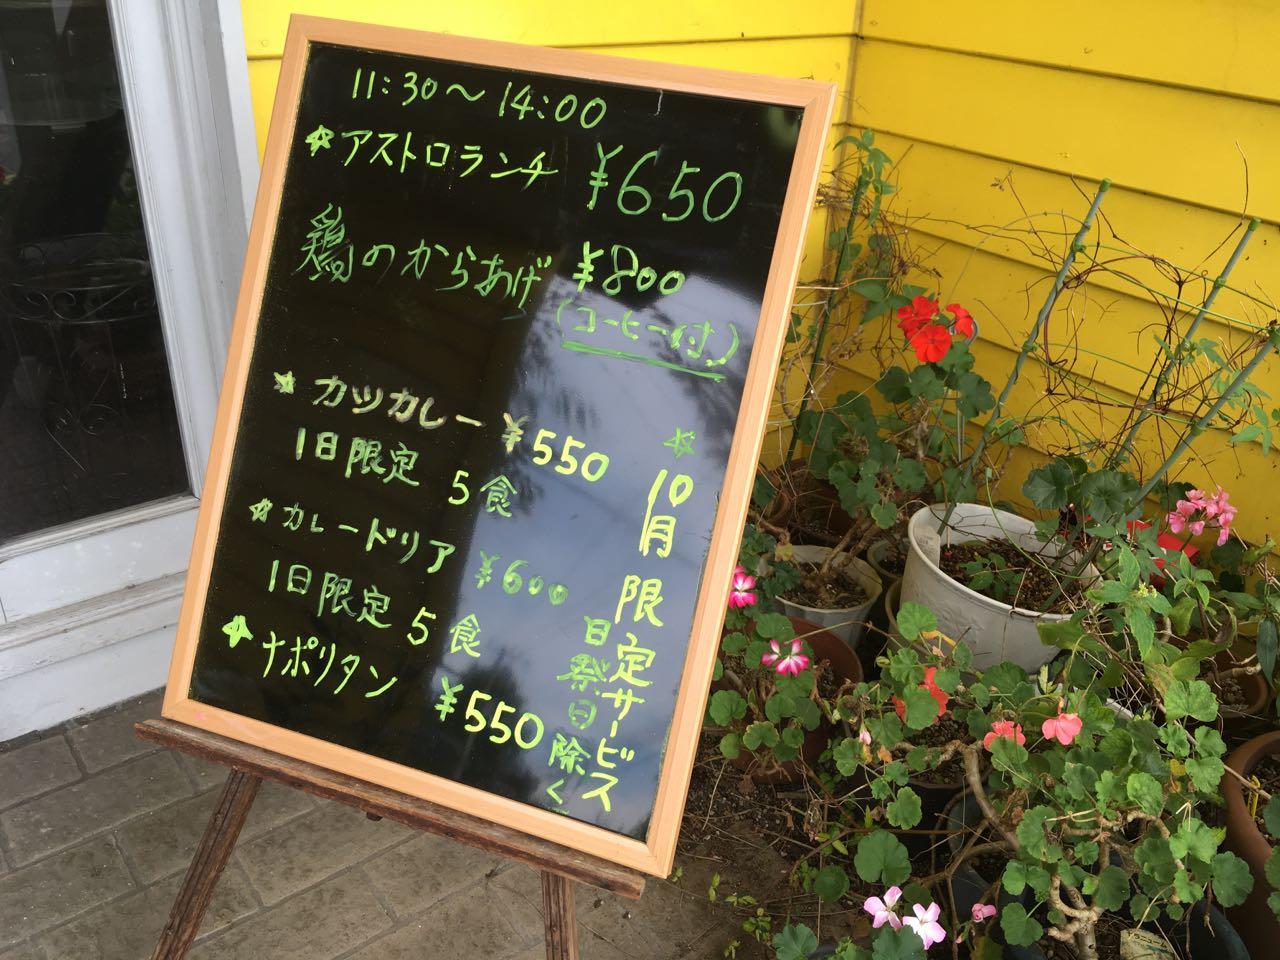 みとん今治,アストロ,桜井,カフェ,老舗